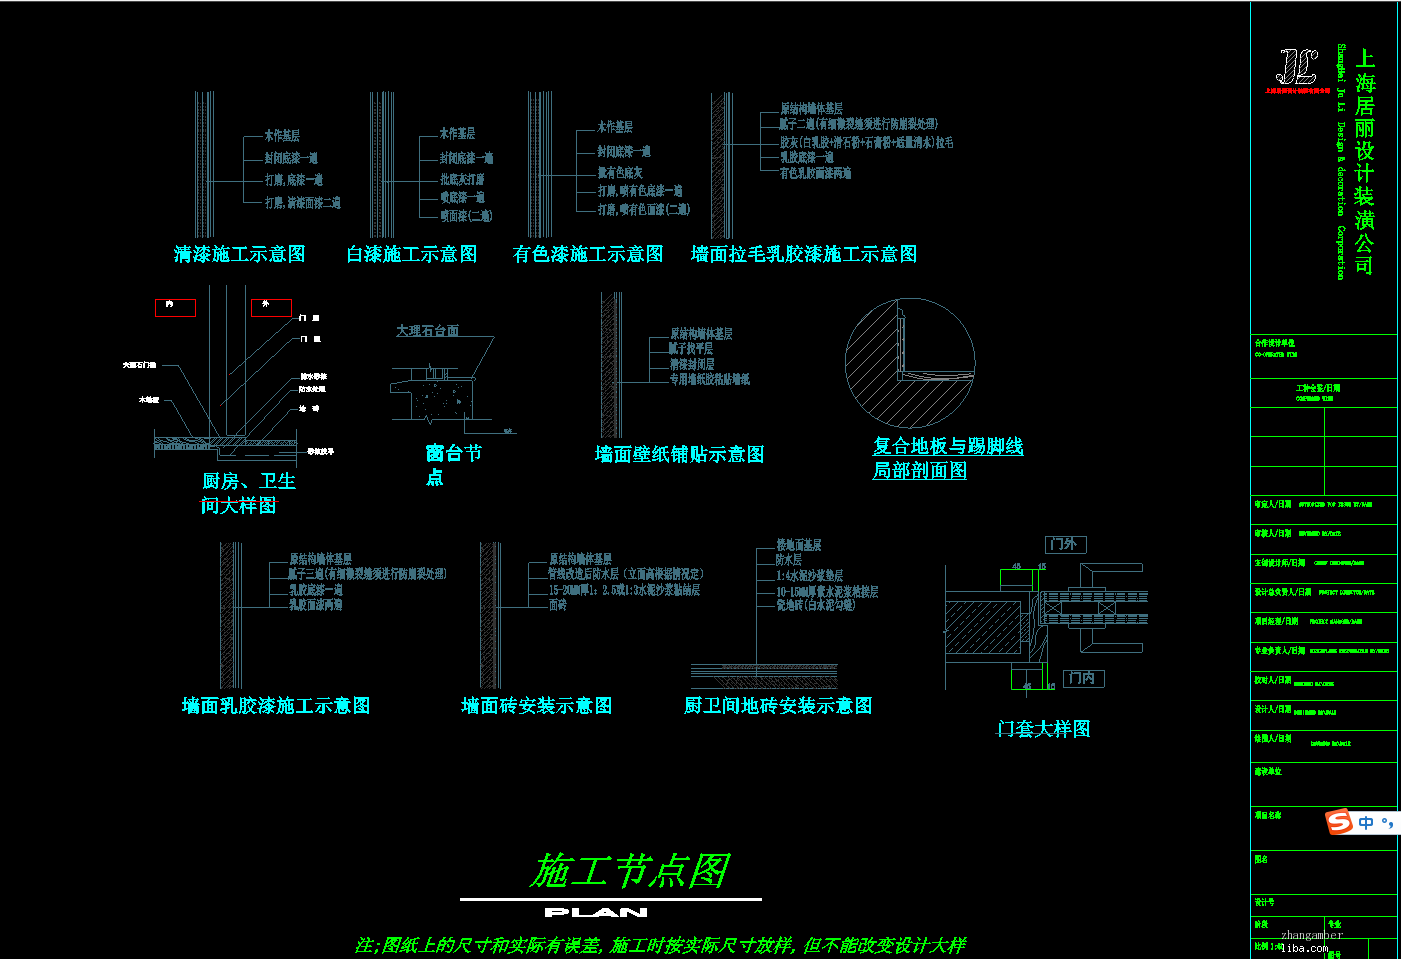 施工节点图.png